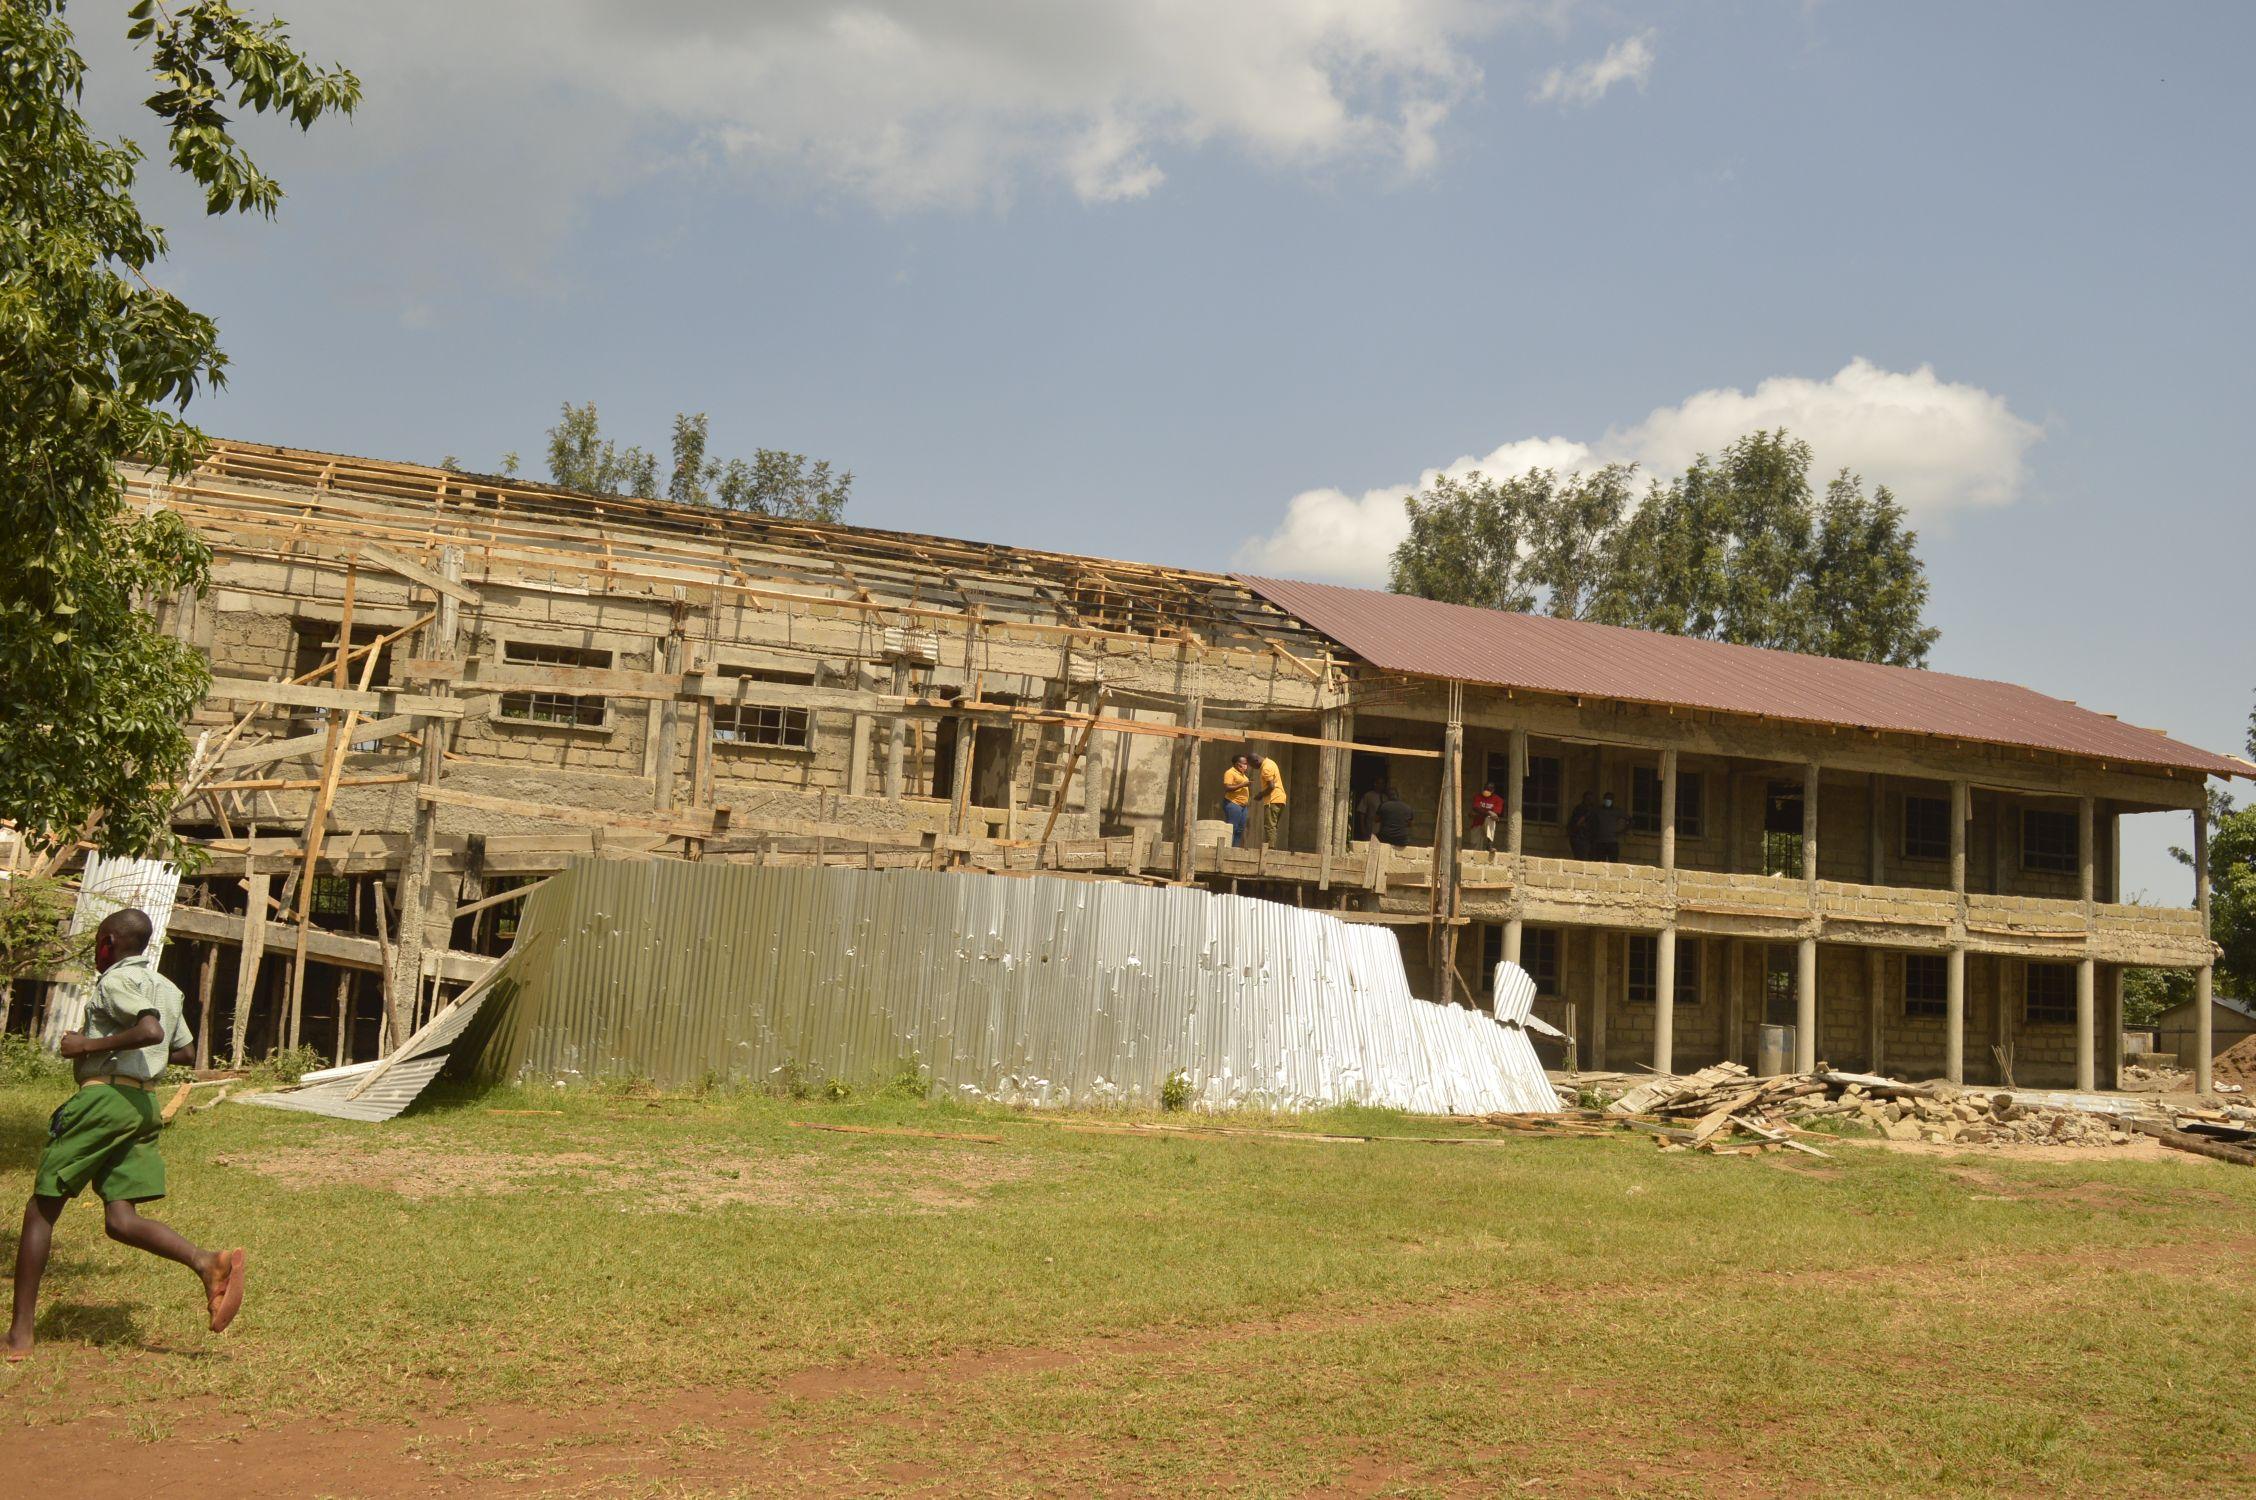 Khwiliba Primary School